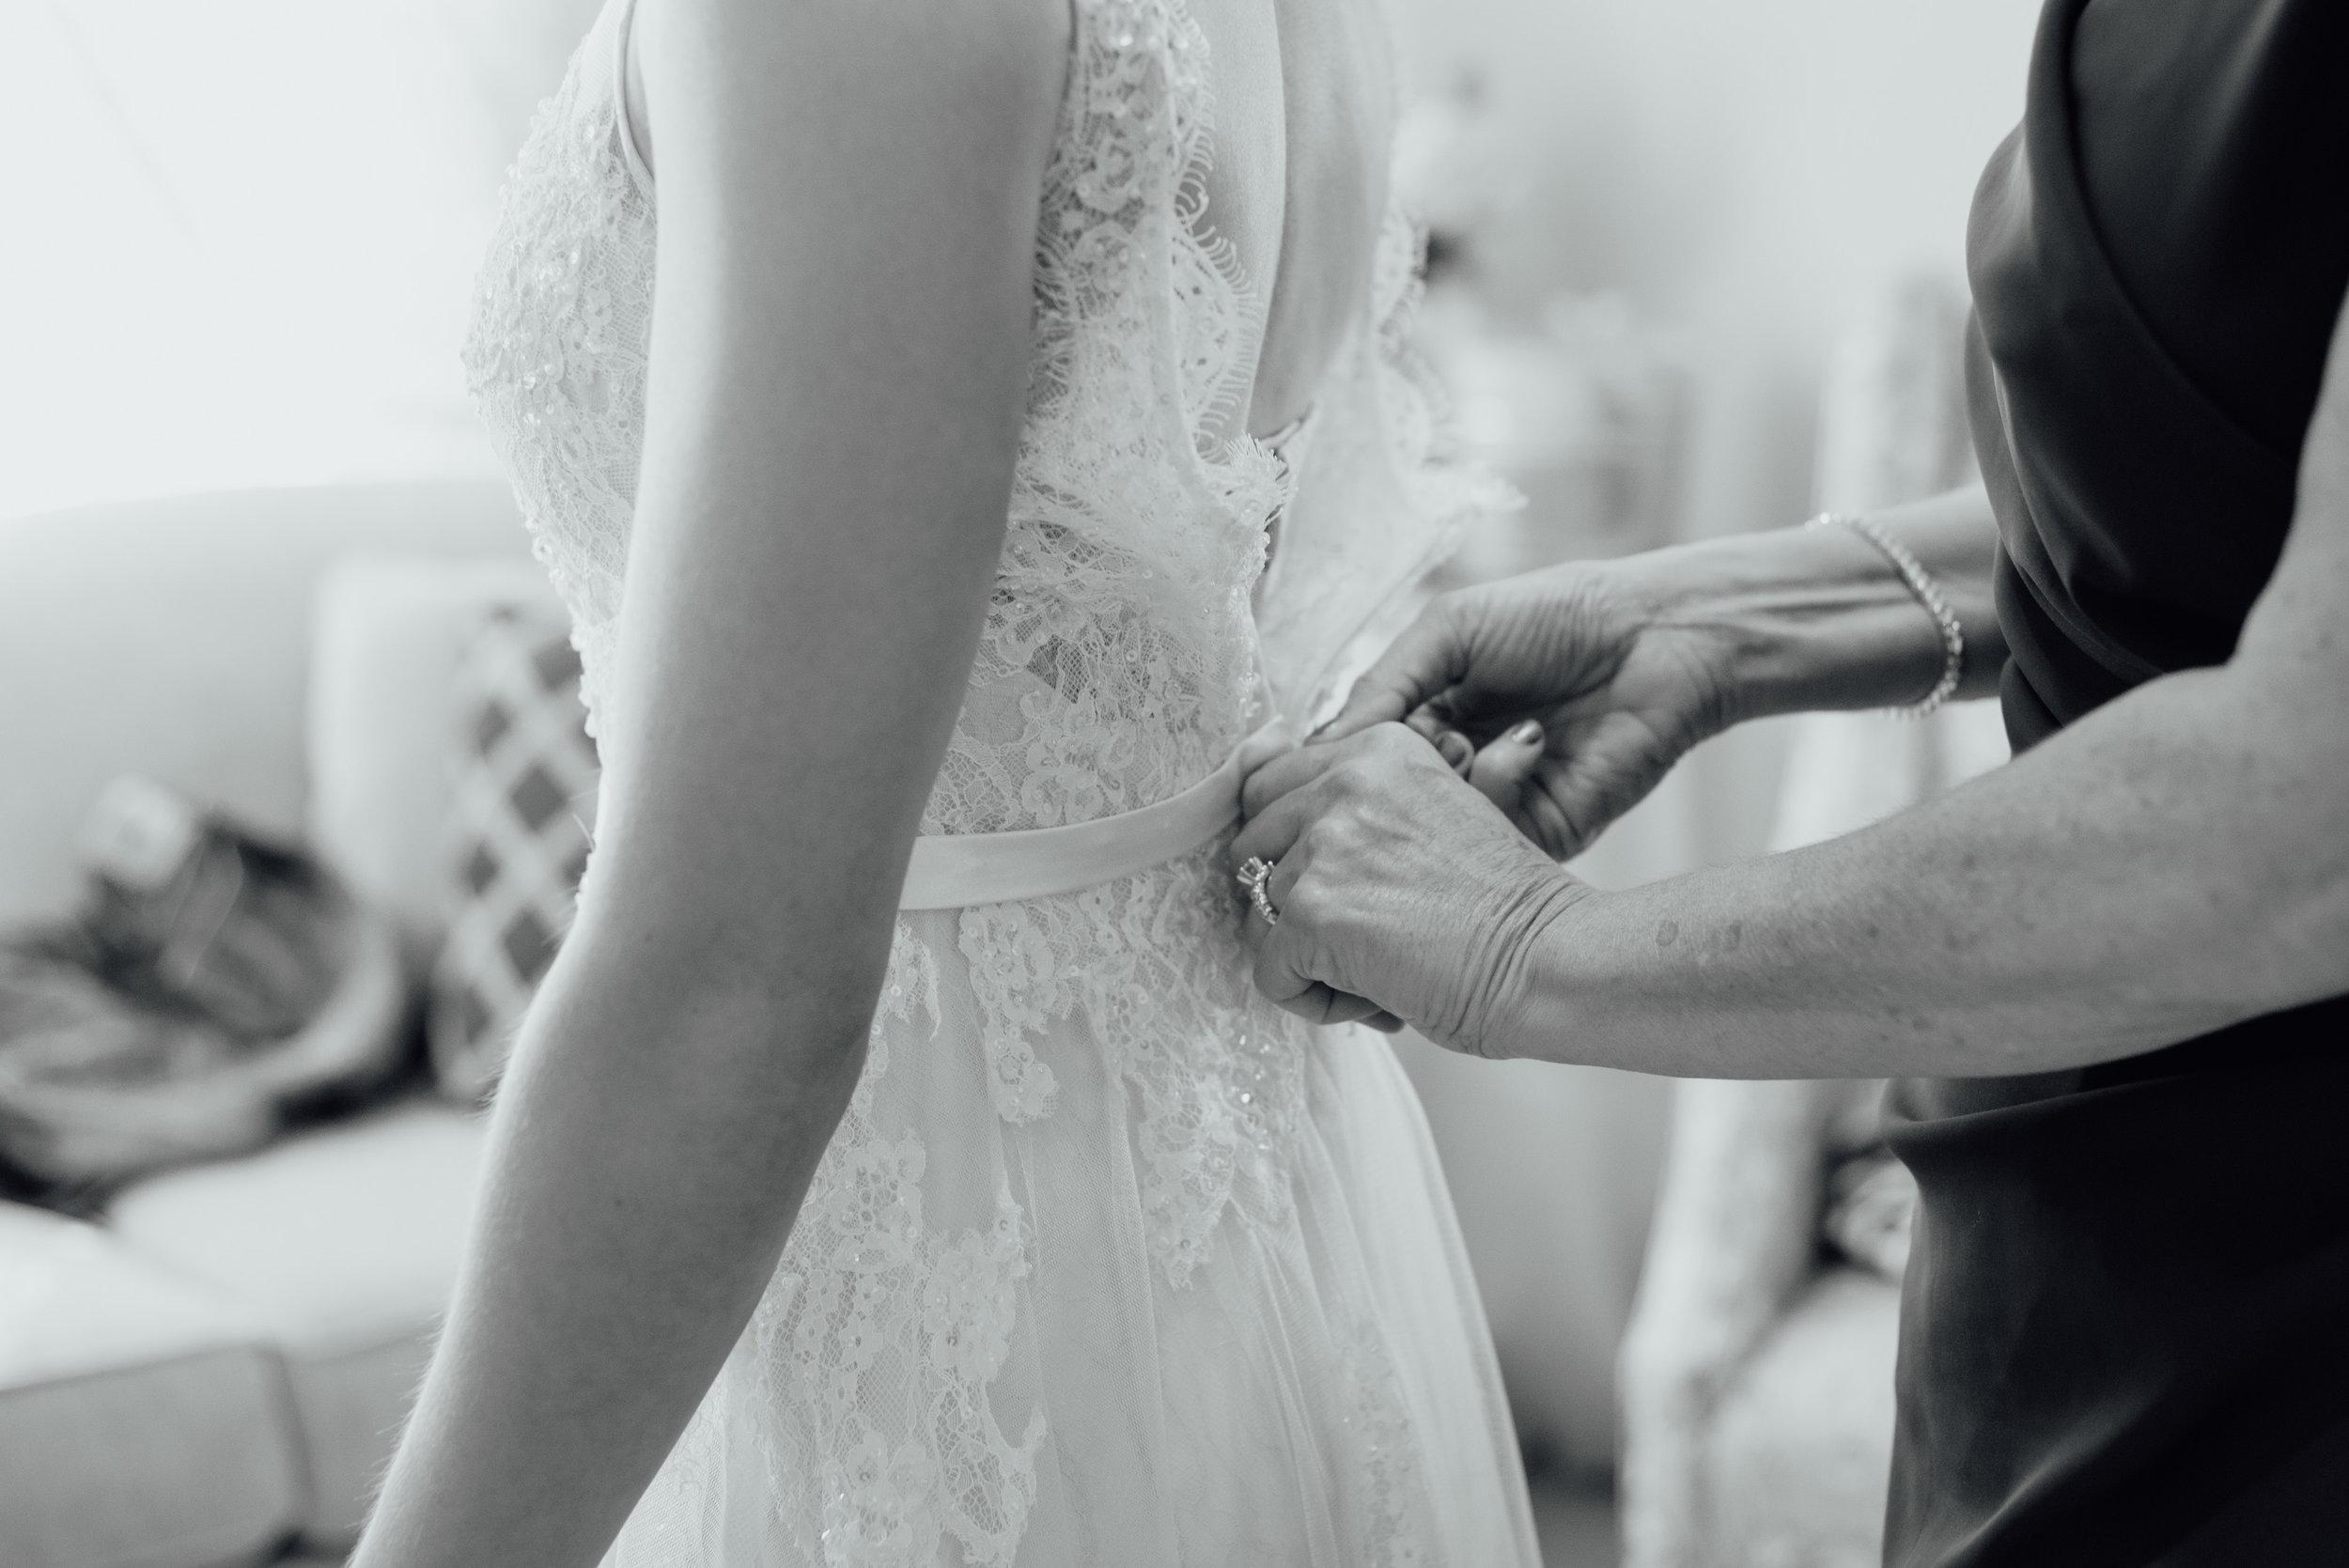 cleland-studios-weddings-1.jpg